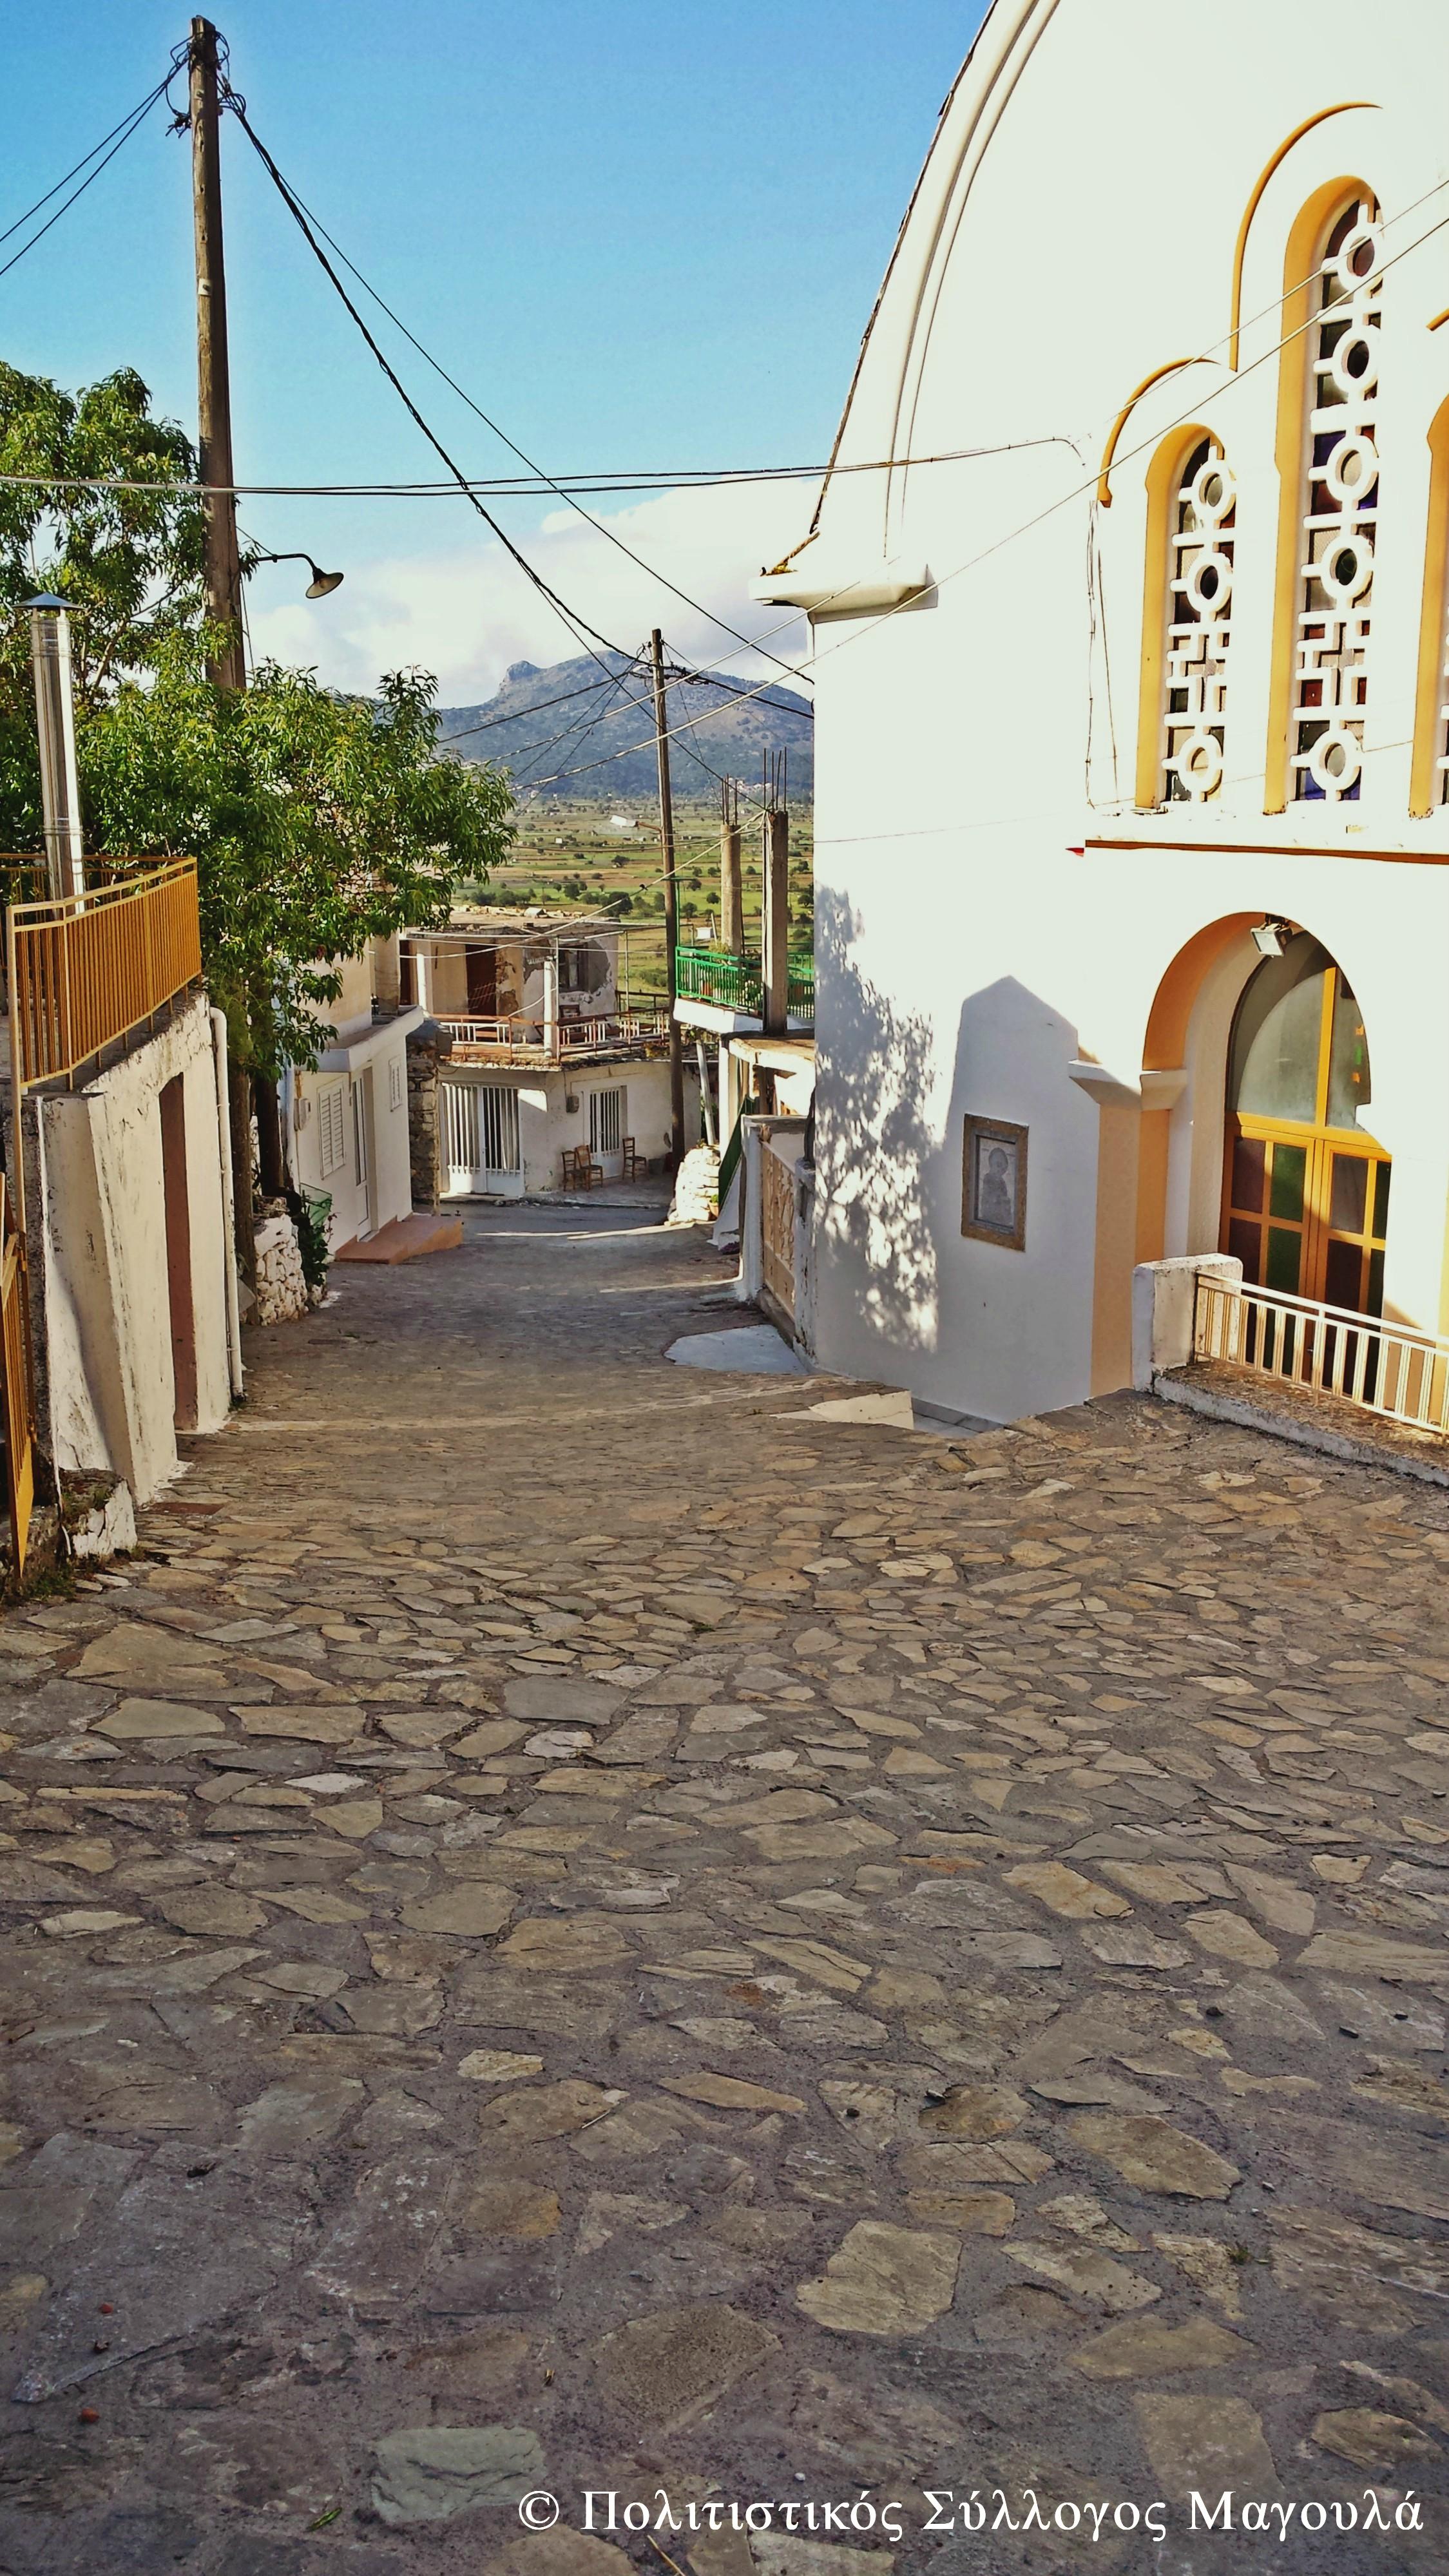 Μέσα στα σοκάκια του χωριού και δεξιά ο Άγιος Σπυρίδωνας